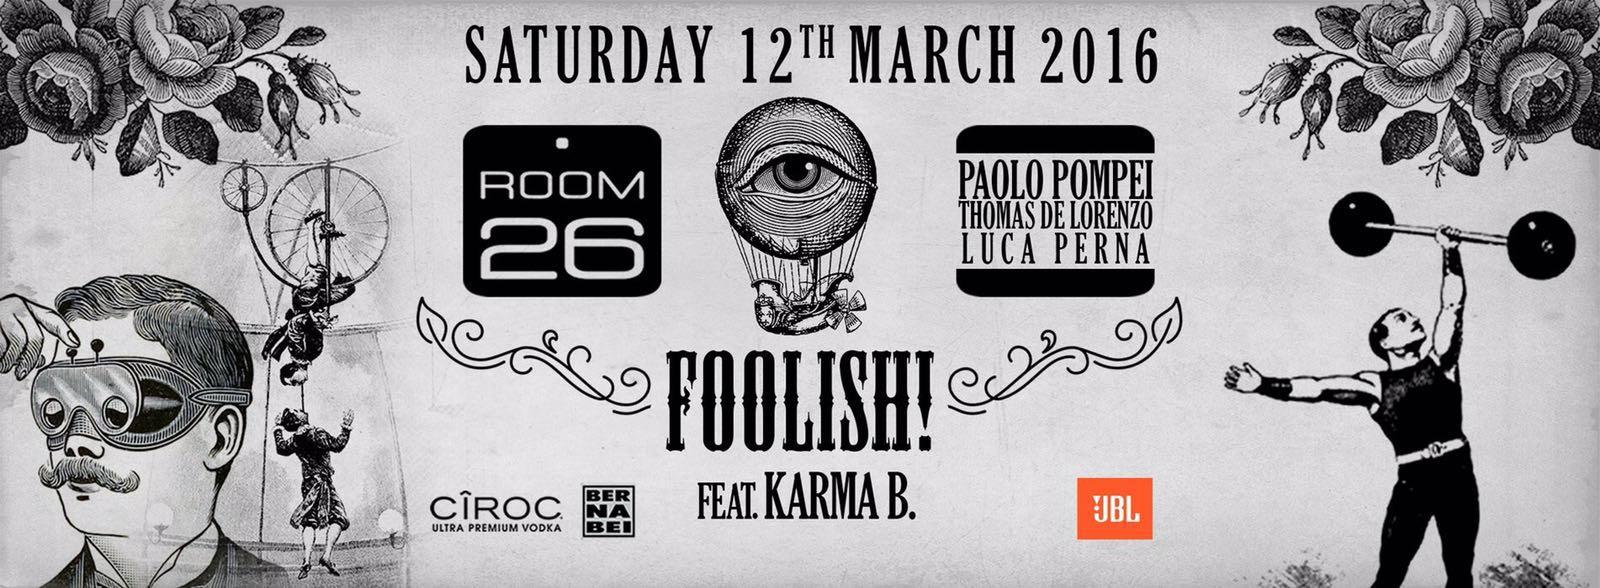 room 26 foolish